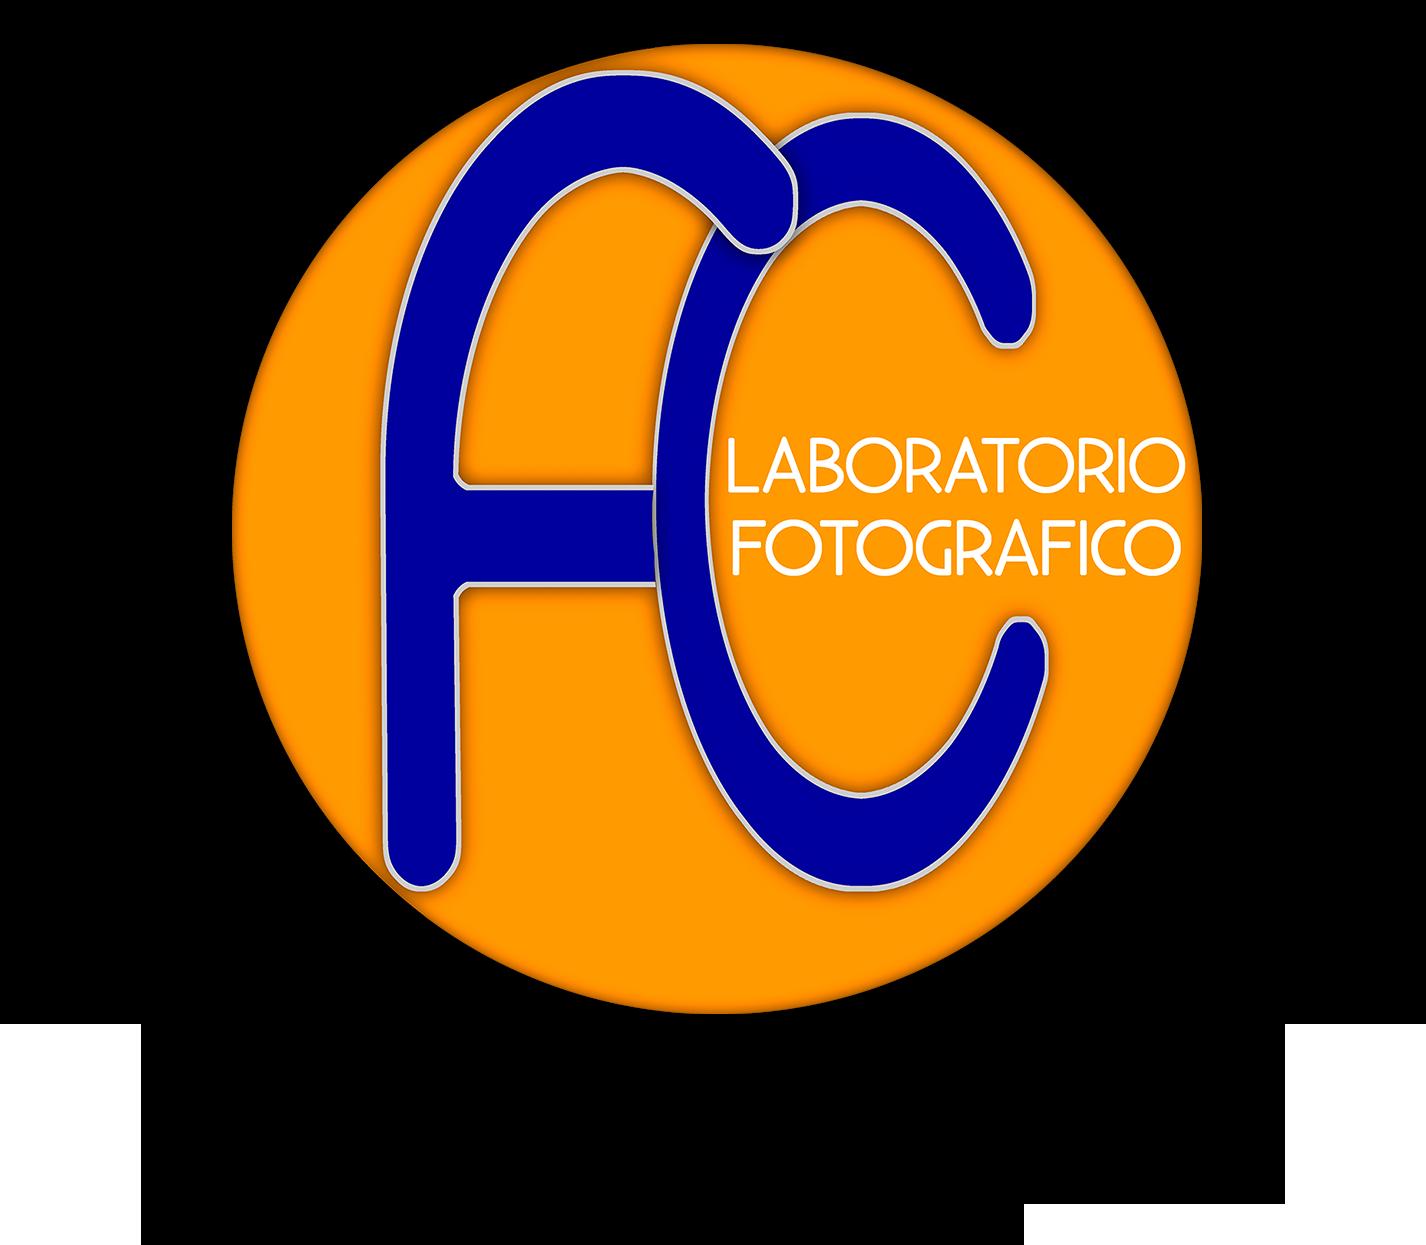 FC Laboratorio